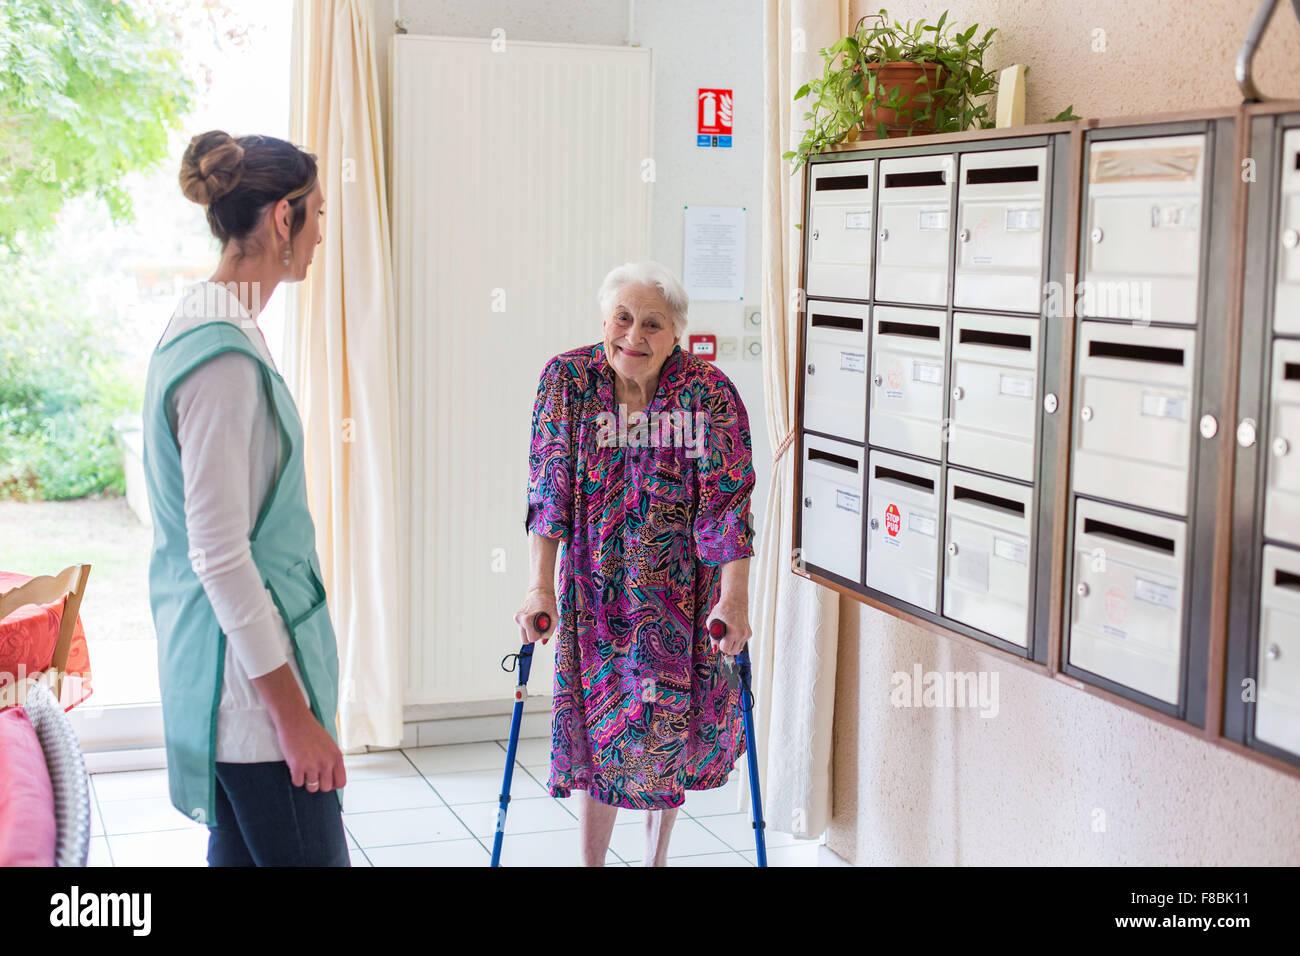 Mujer de 97 años que vive en una residencia para ancianos independientes, Dordogne, Francia. Imagen De Stock